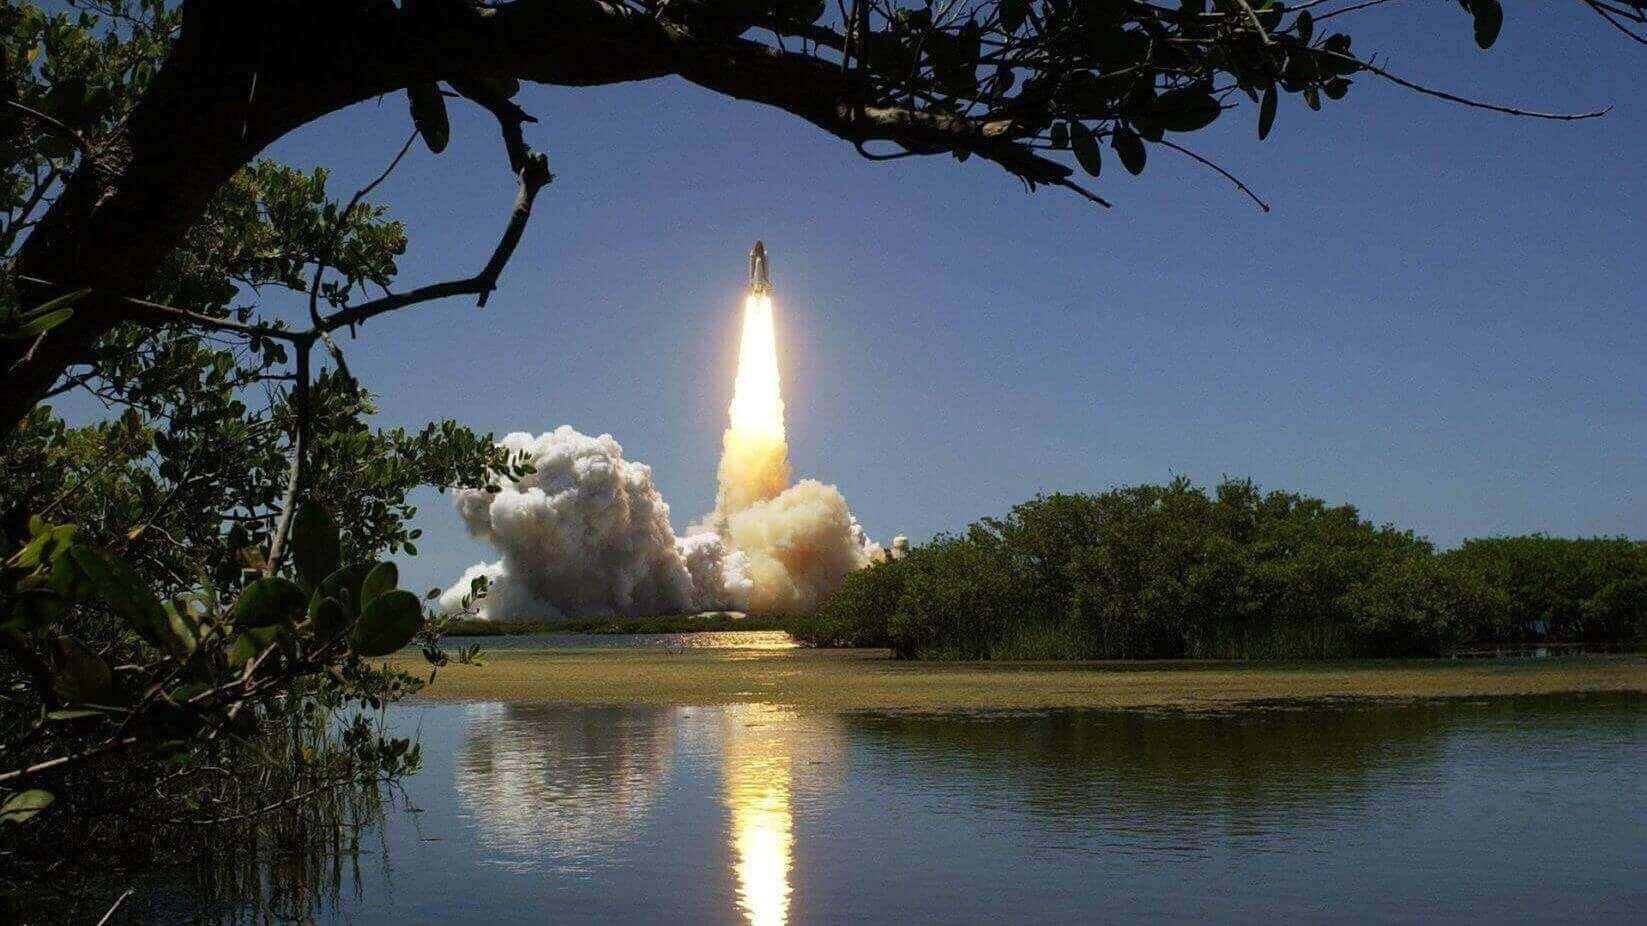 3D Printed Rocket Fuel Gets a Patent   All3DP